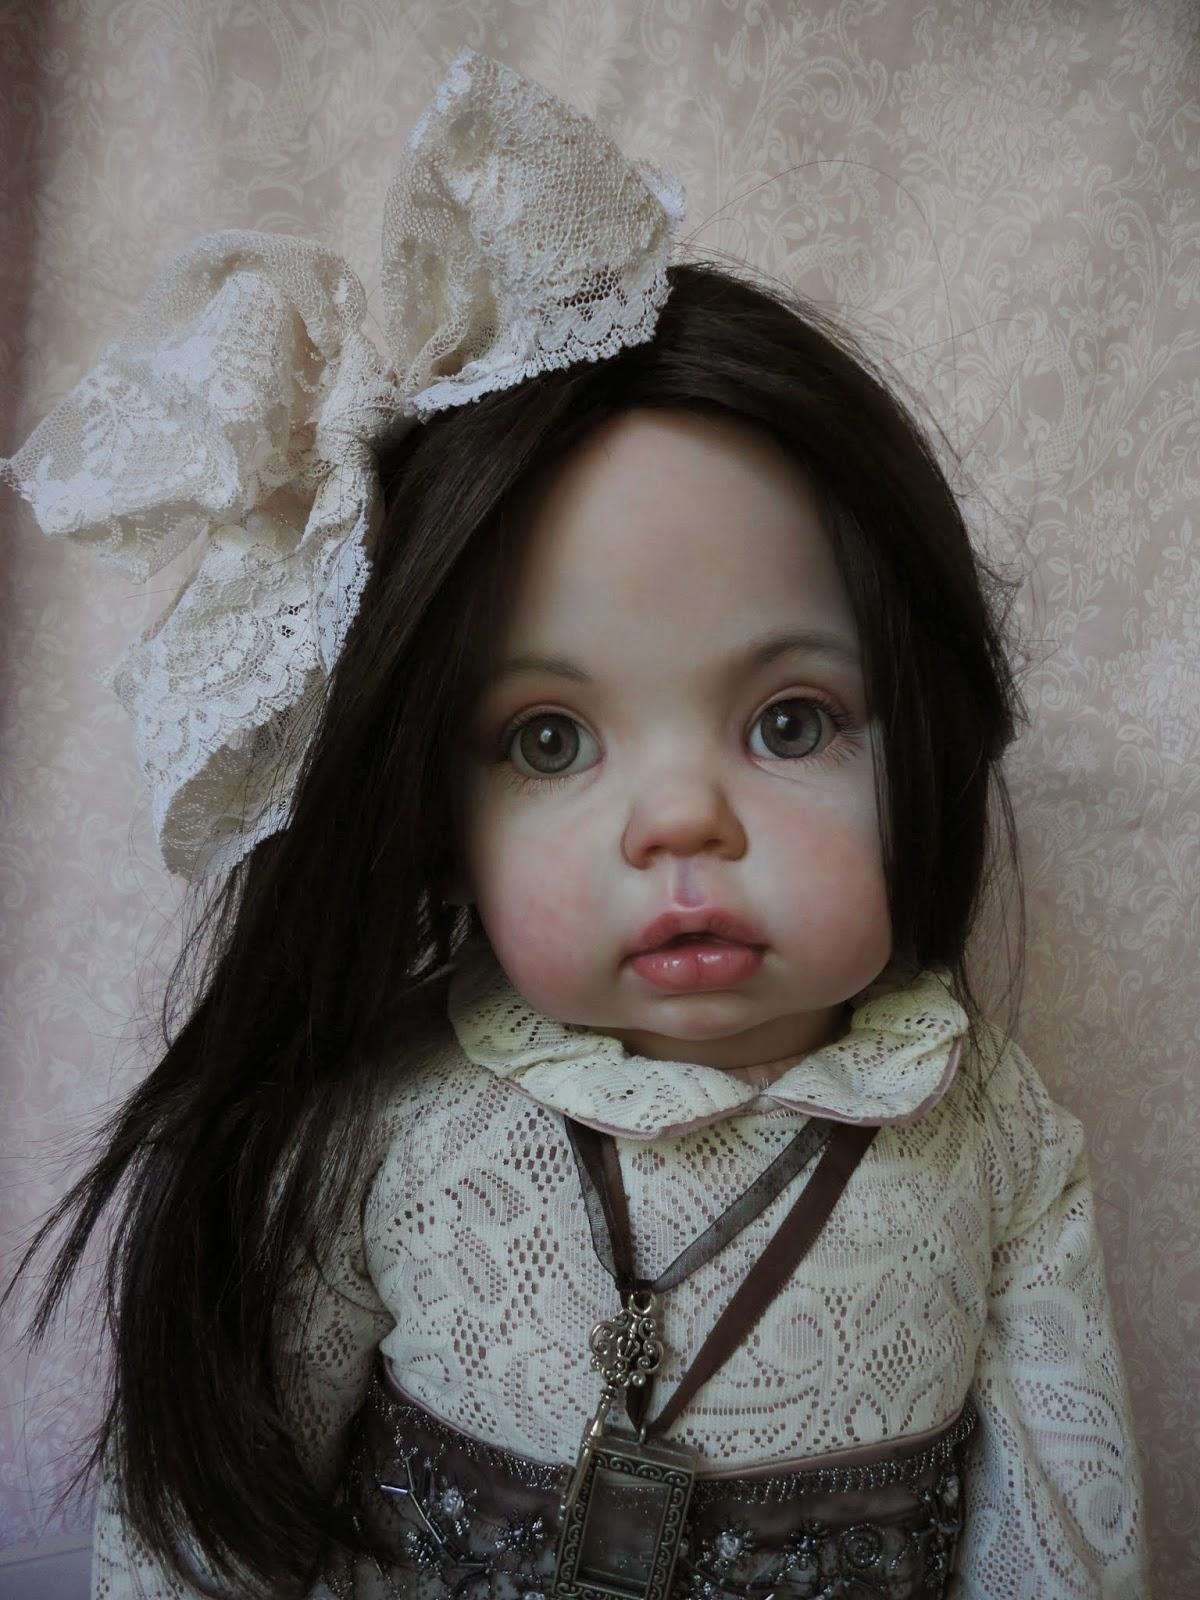 Anya S Originals Reborns And Ooak Art Dolls